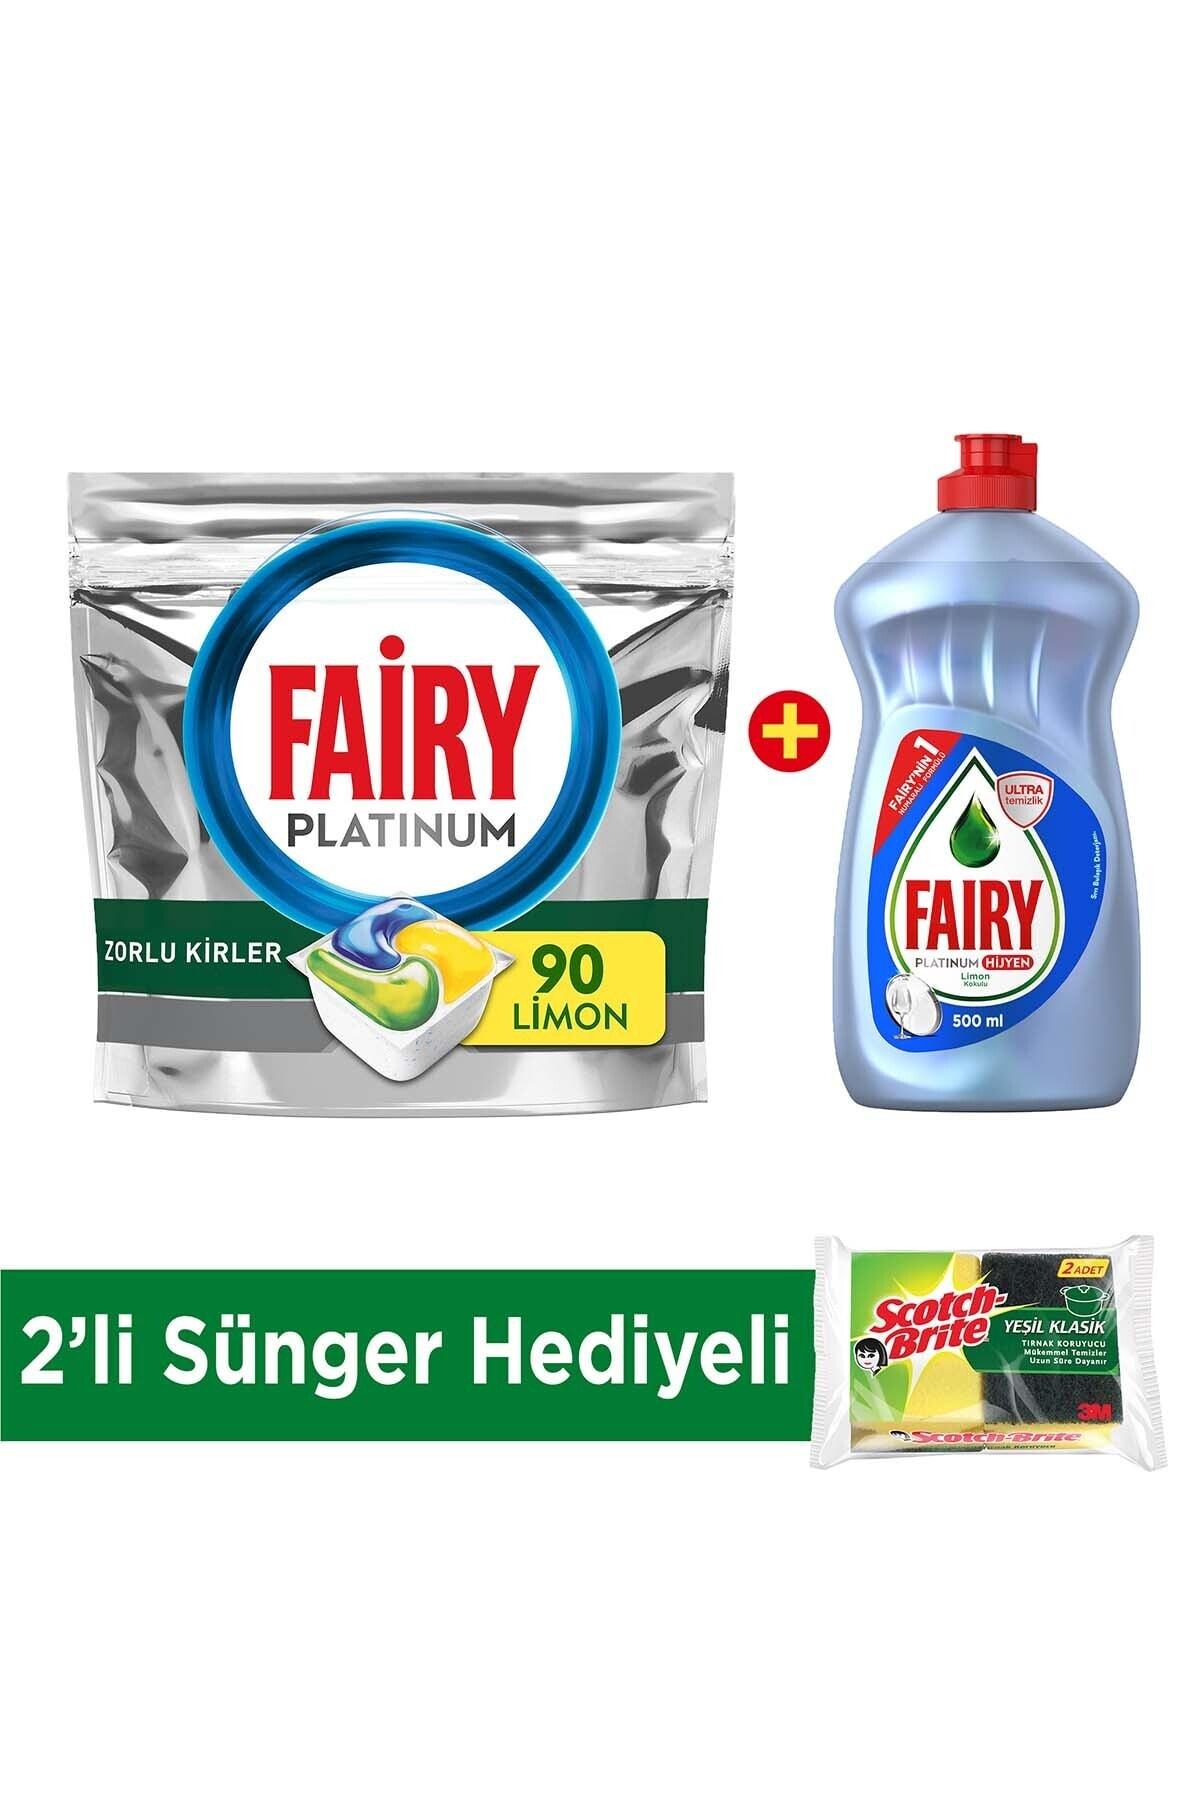 Fairy Platinum 90 Yıkama Bulaşık Deterjanı Kapsülü Limon + Platinum Hijyen 500 ml + 2'li Sünger Hediye 1